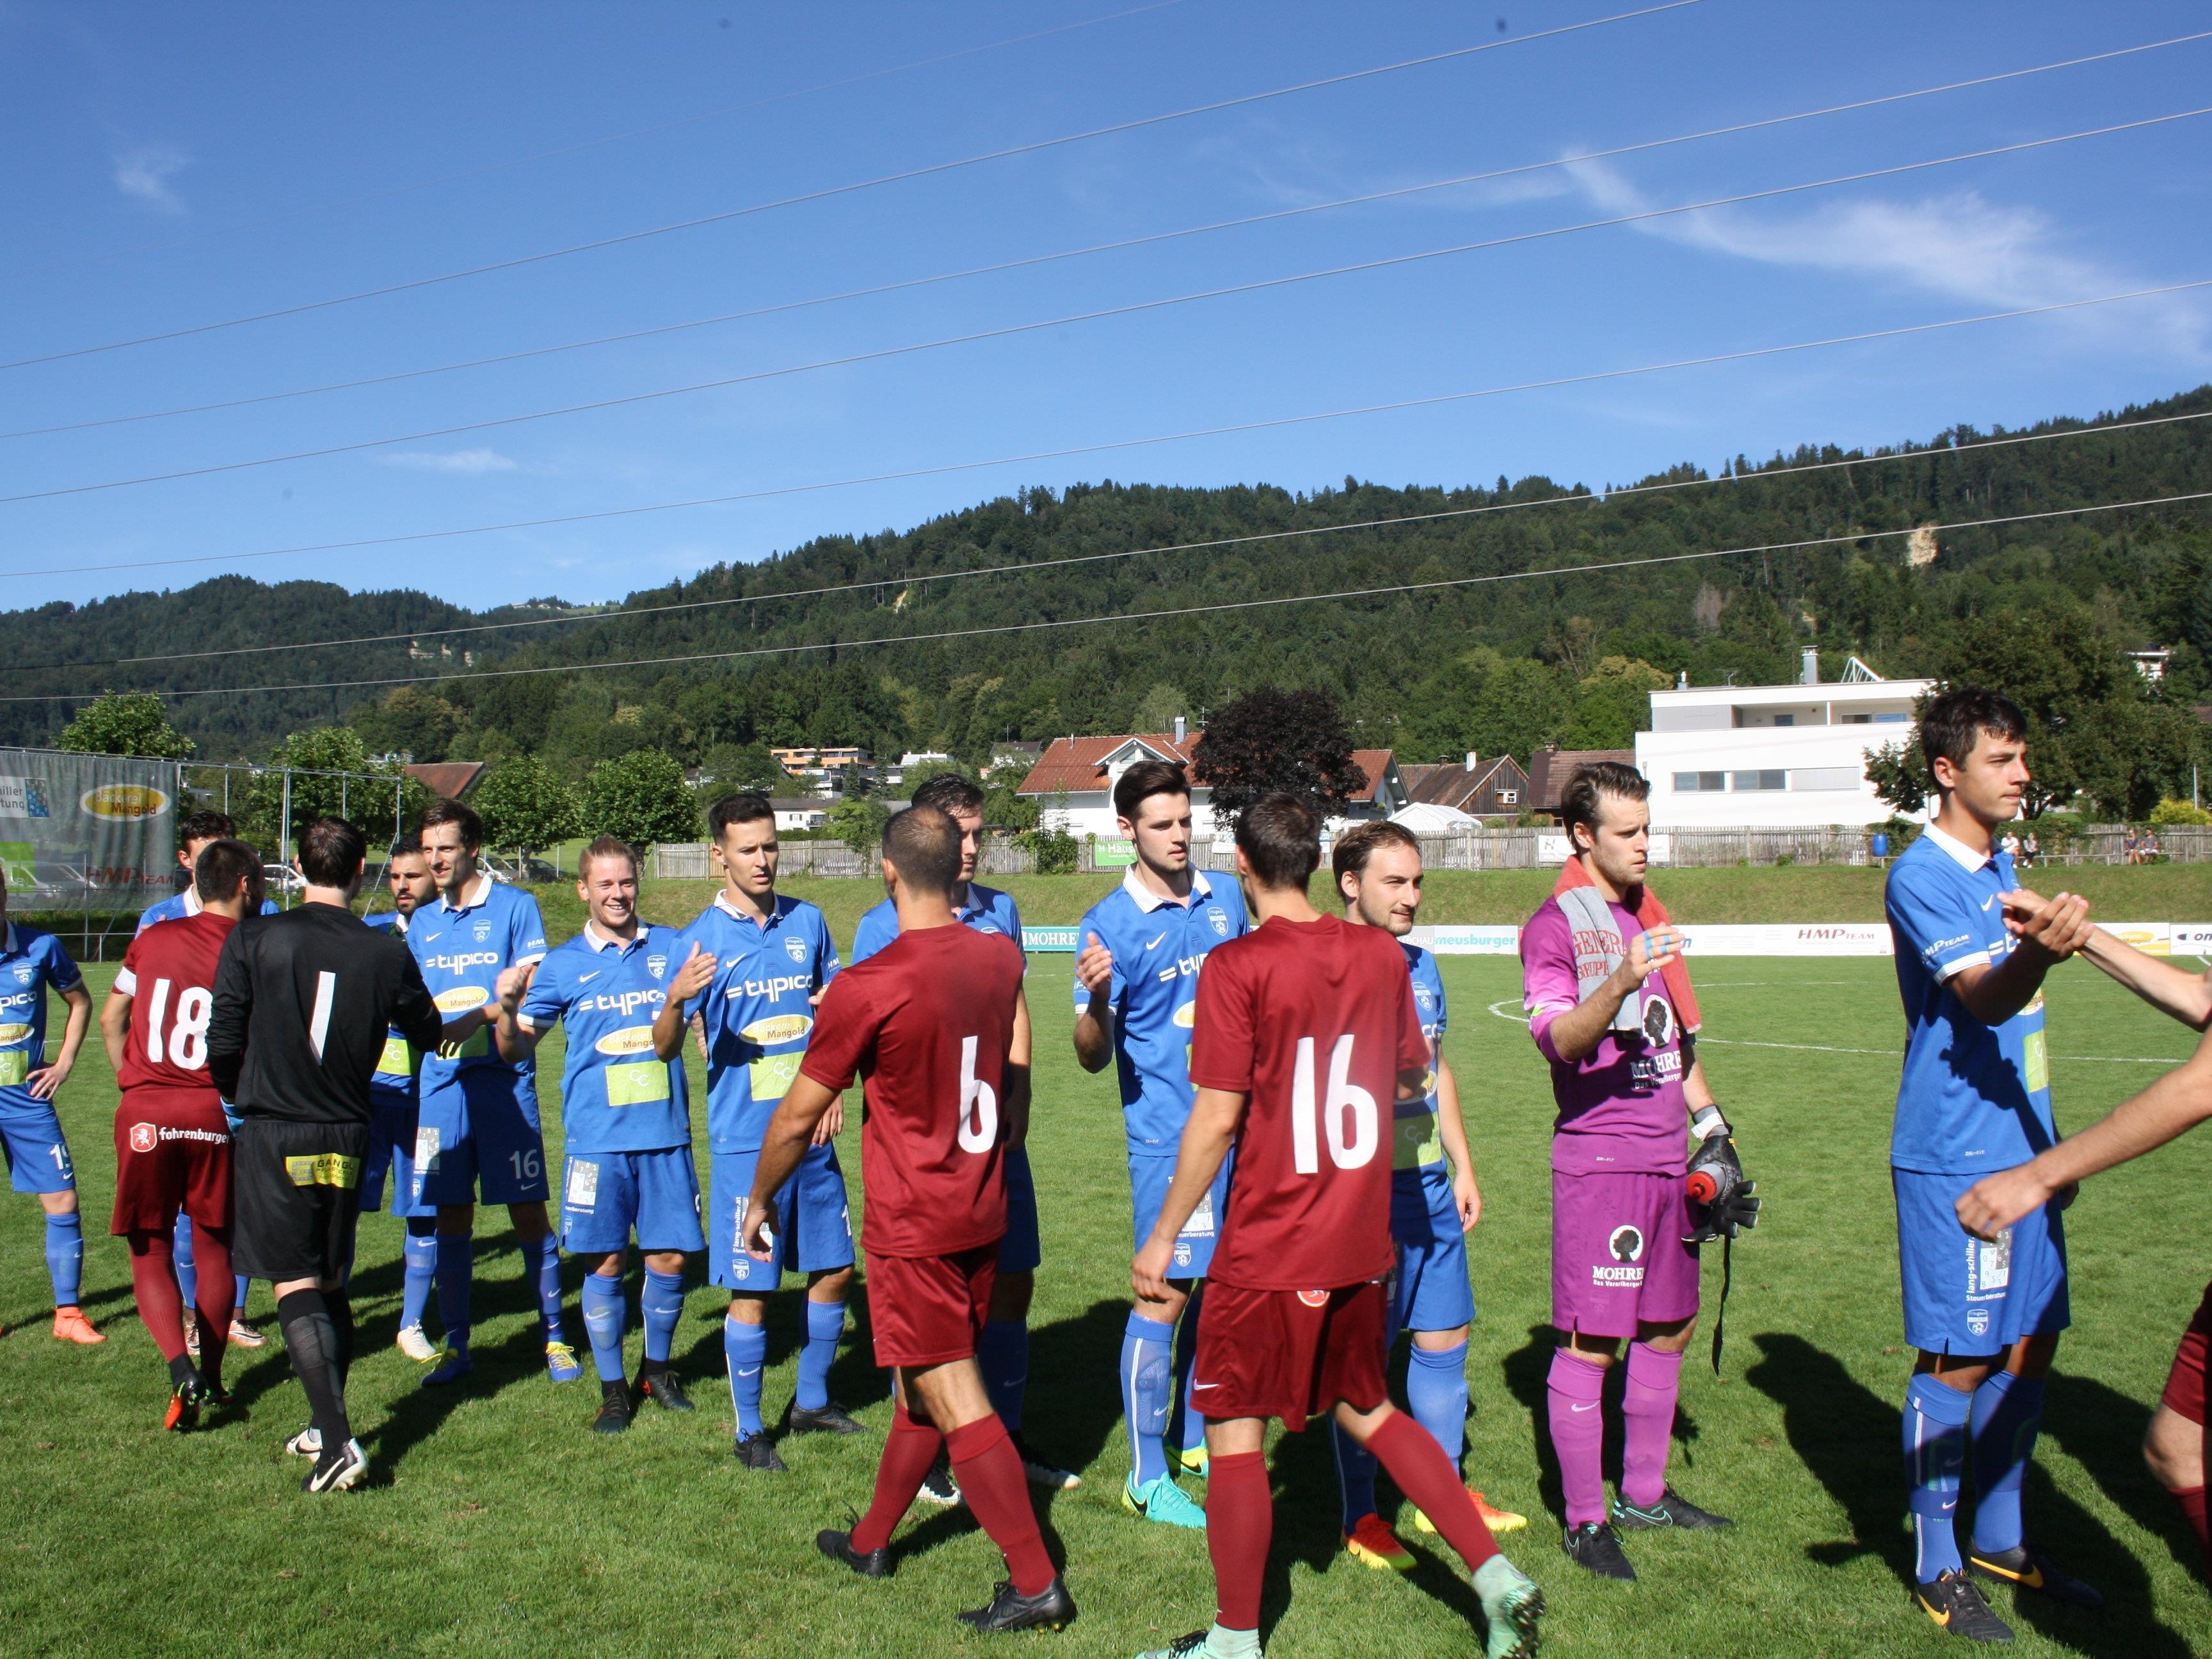 Am Samstag empfängt der SV Typico Lochau im Heimspiel das Team aus Brederis. Spielbeginn ist um 17 Uhr.